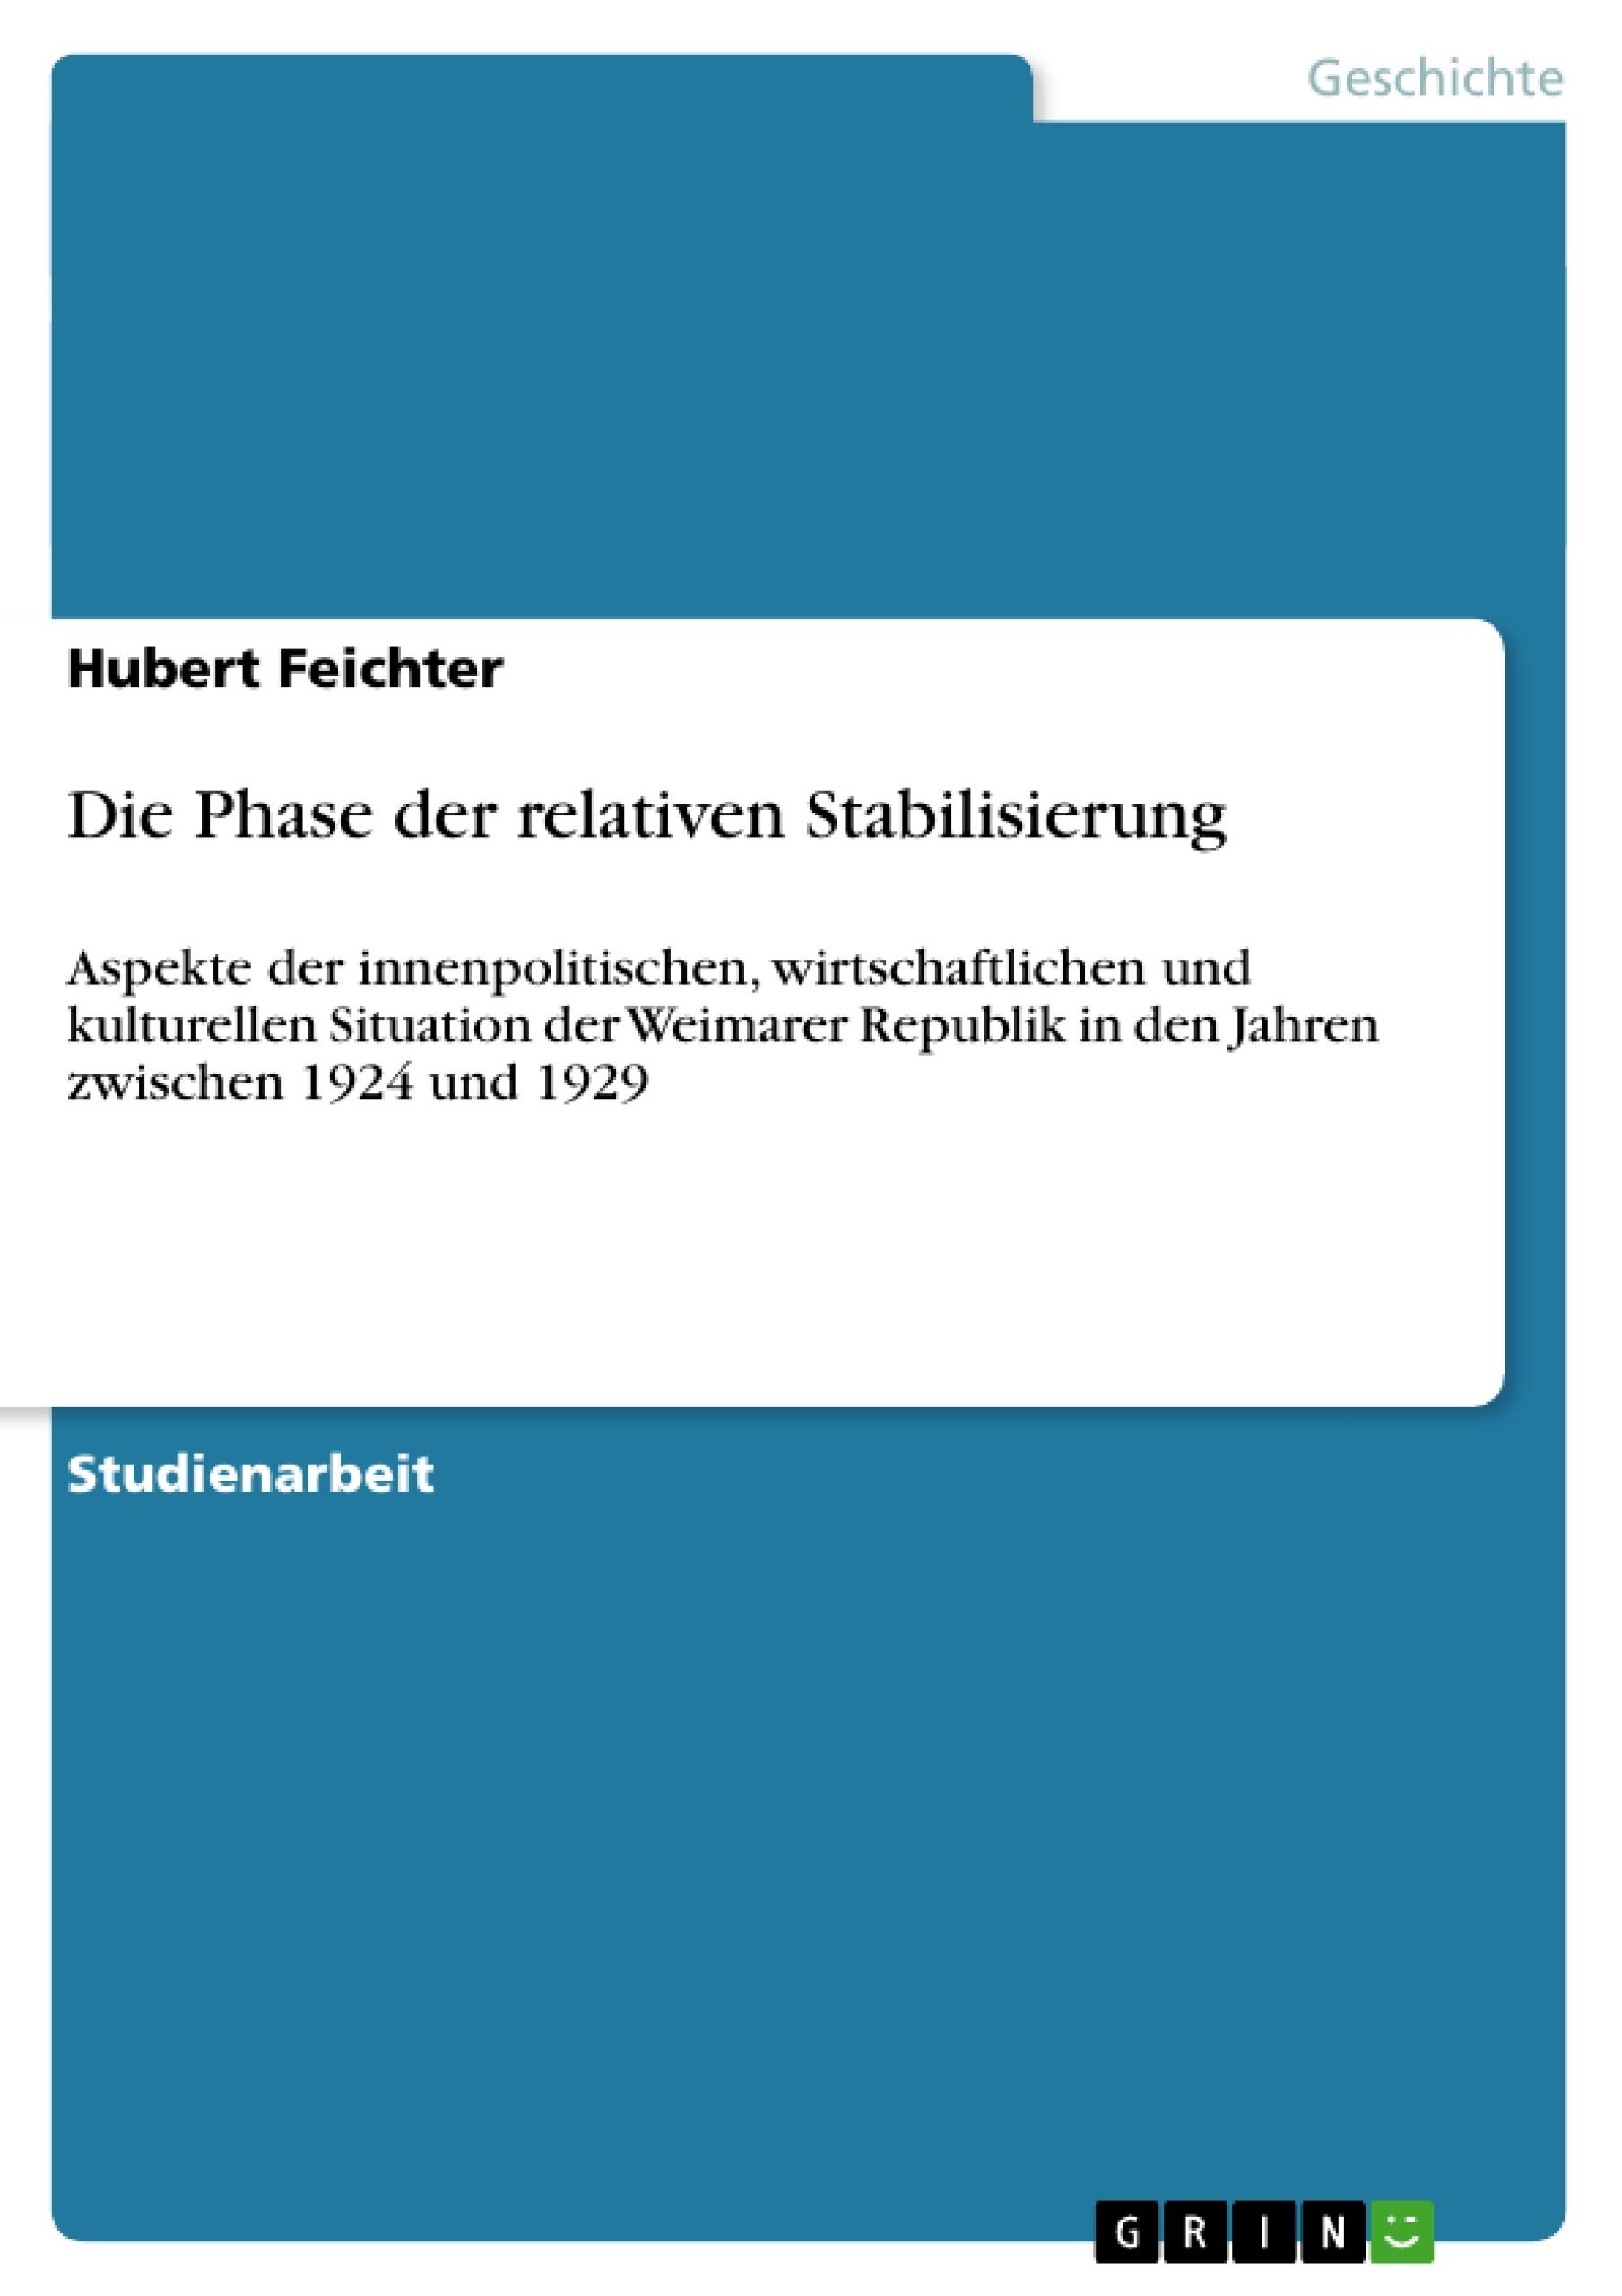 Titel: Die Phase der relativen Stabilisierung